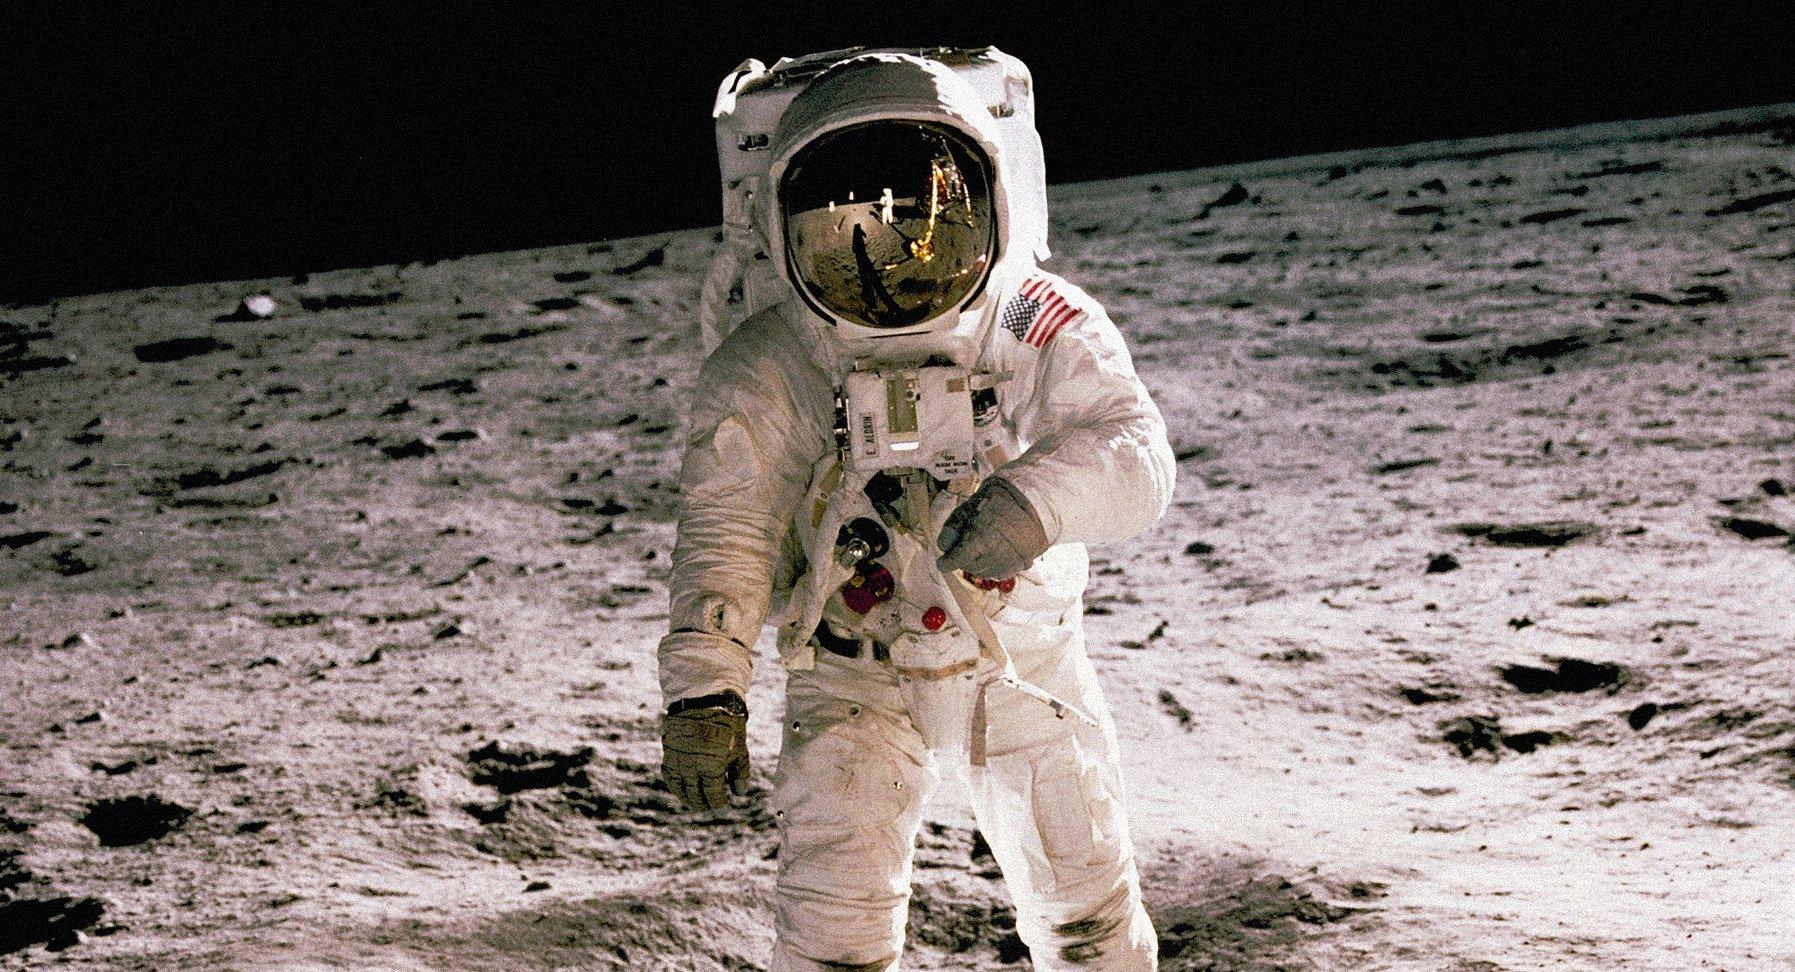 Apollo11-reflection